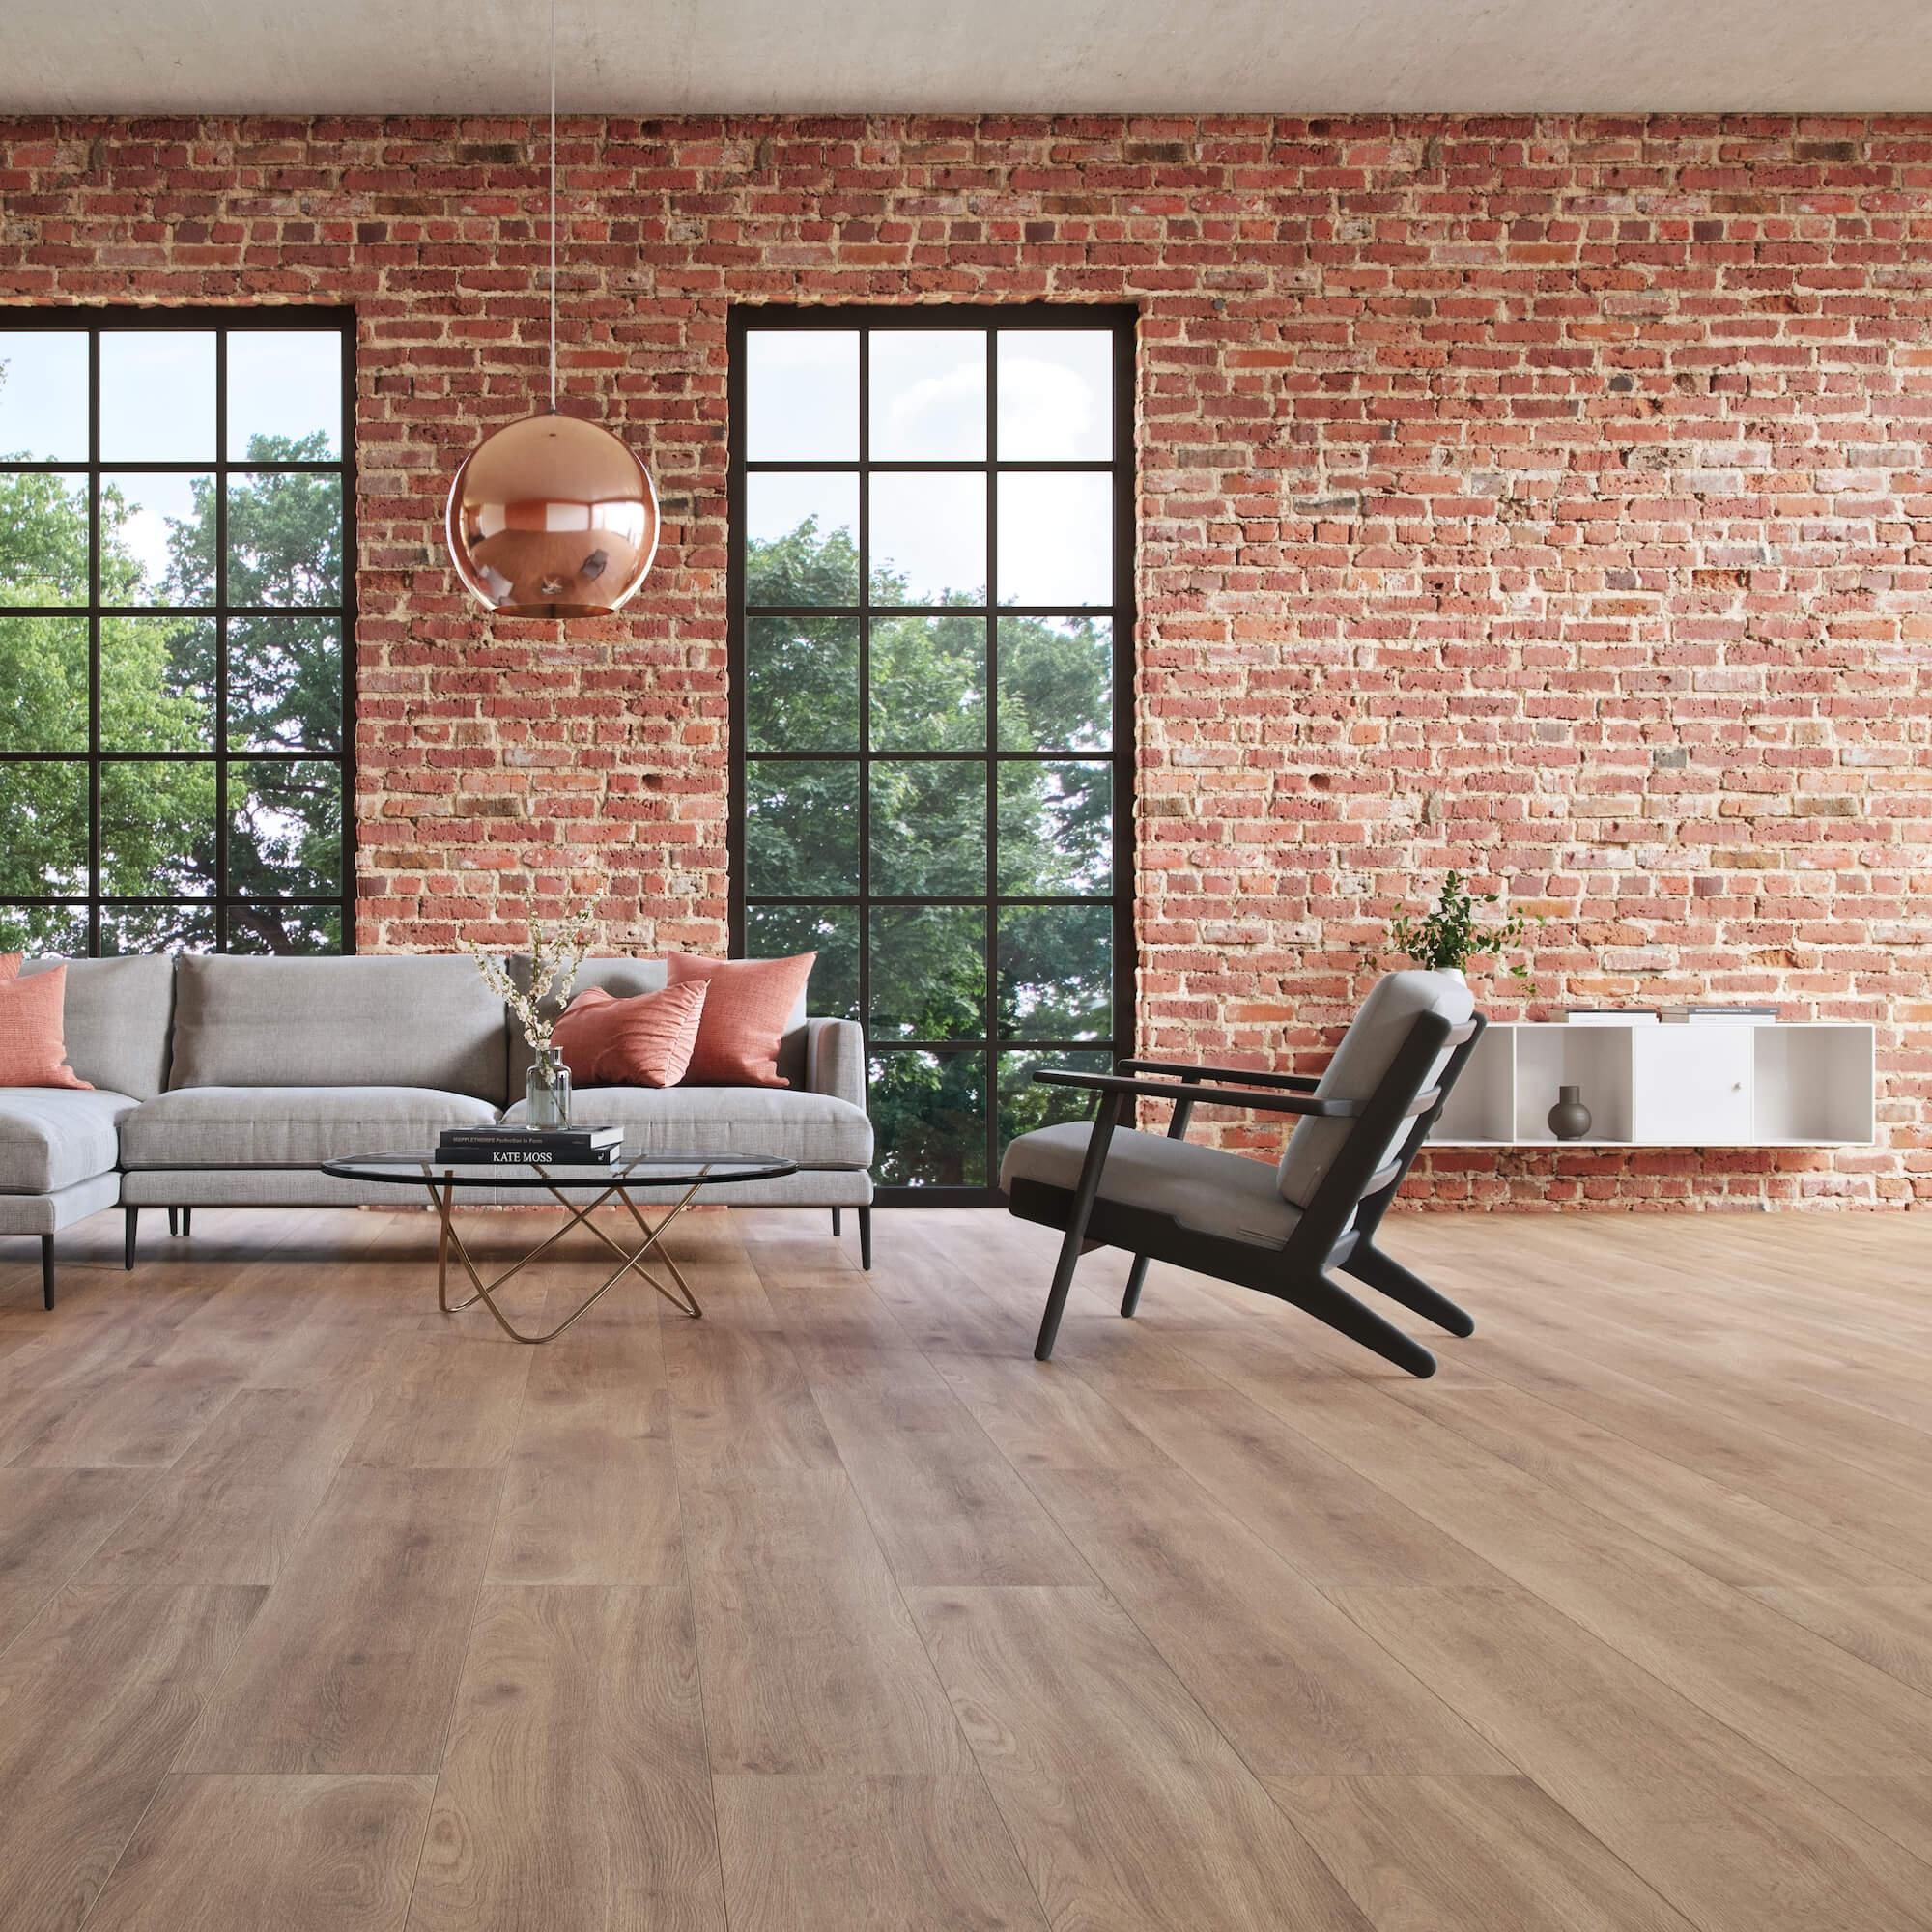 Wohnzimmer mit Laminat Fußbodenbelag